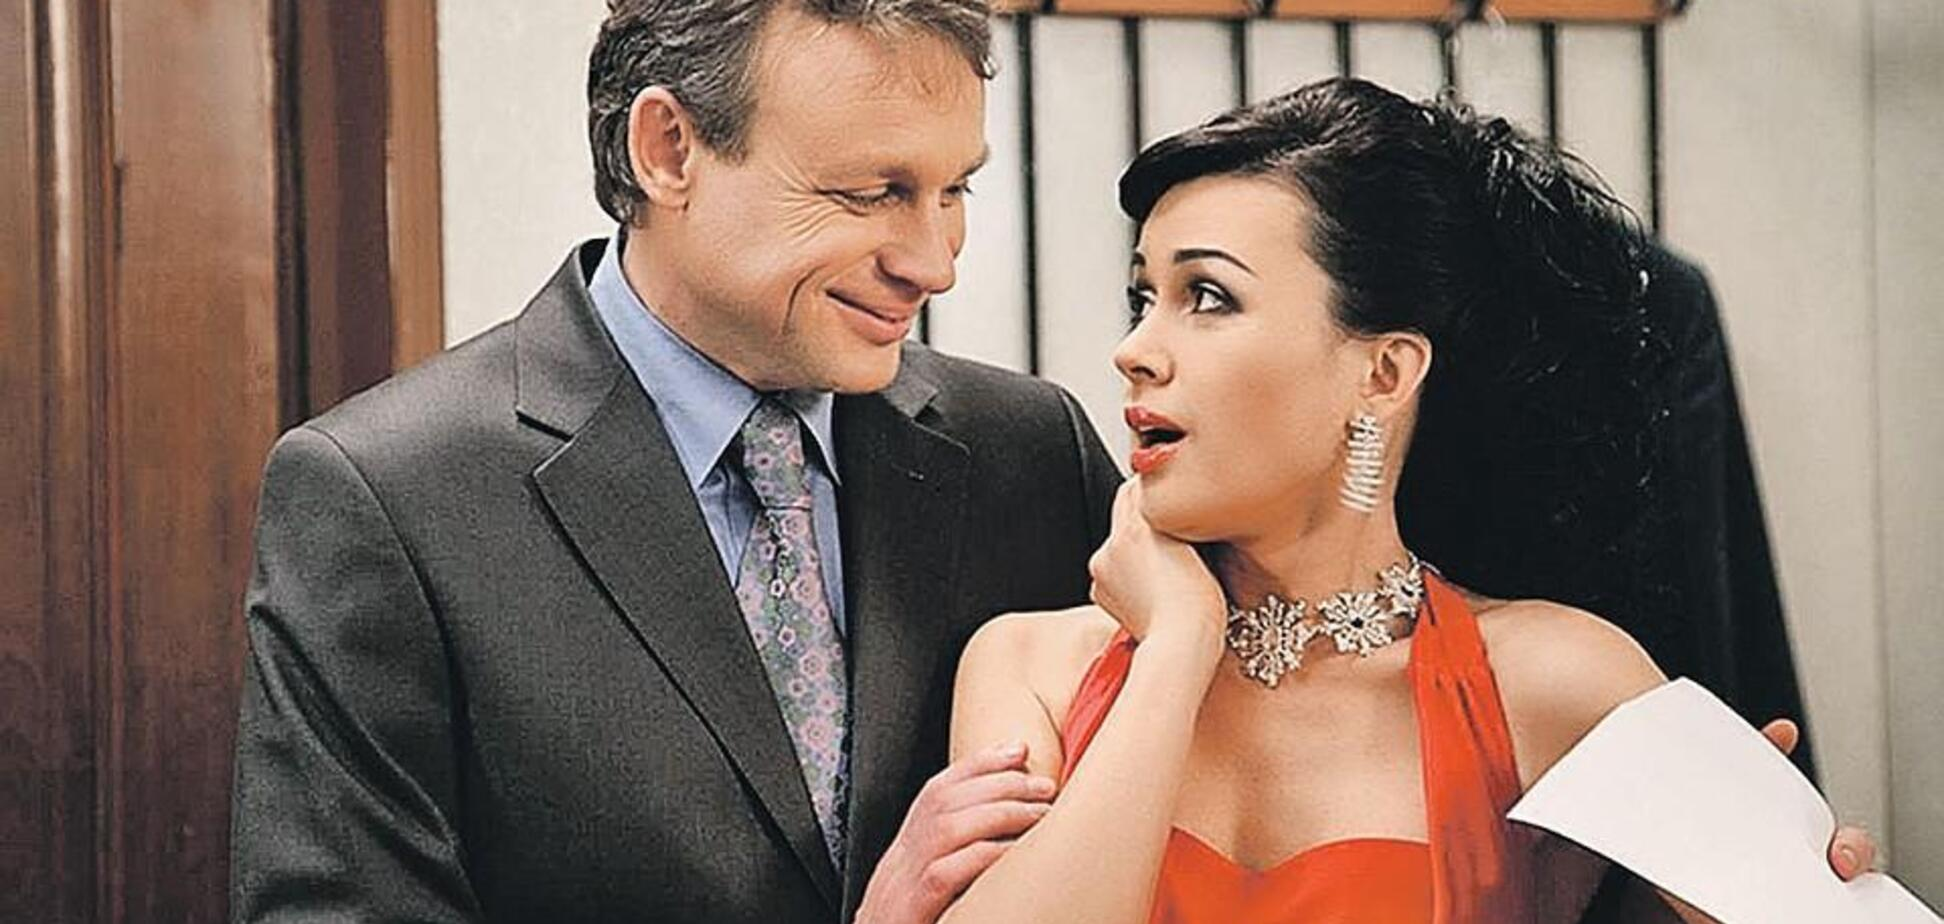 'Это какое-то проклятие сериала': как звезды отреагировали на болезнь Заворотнюк